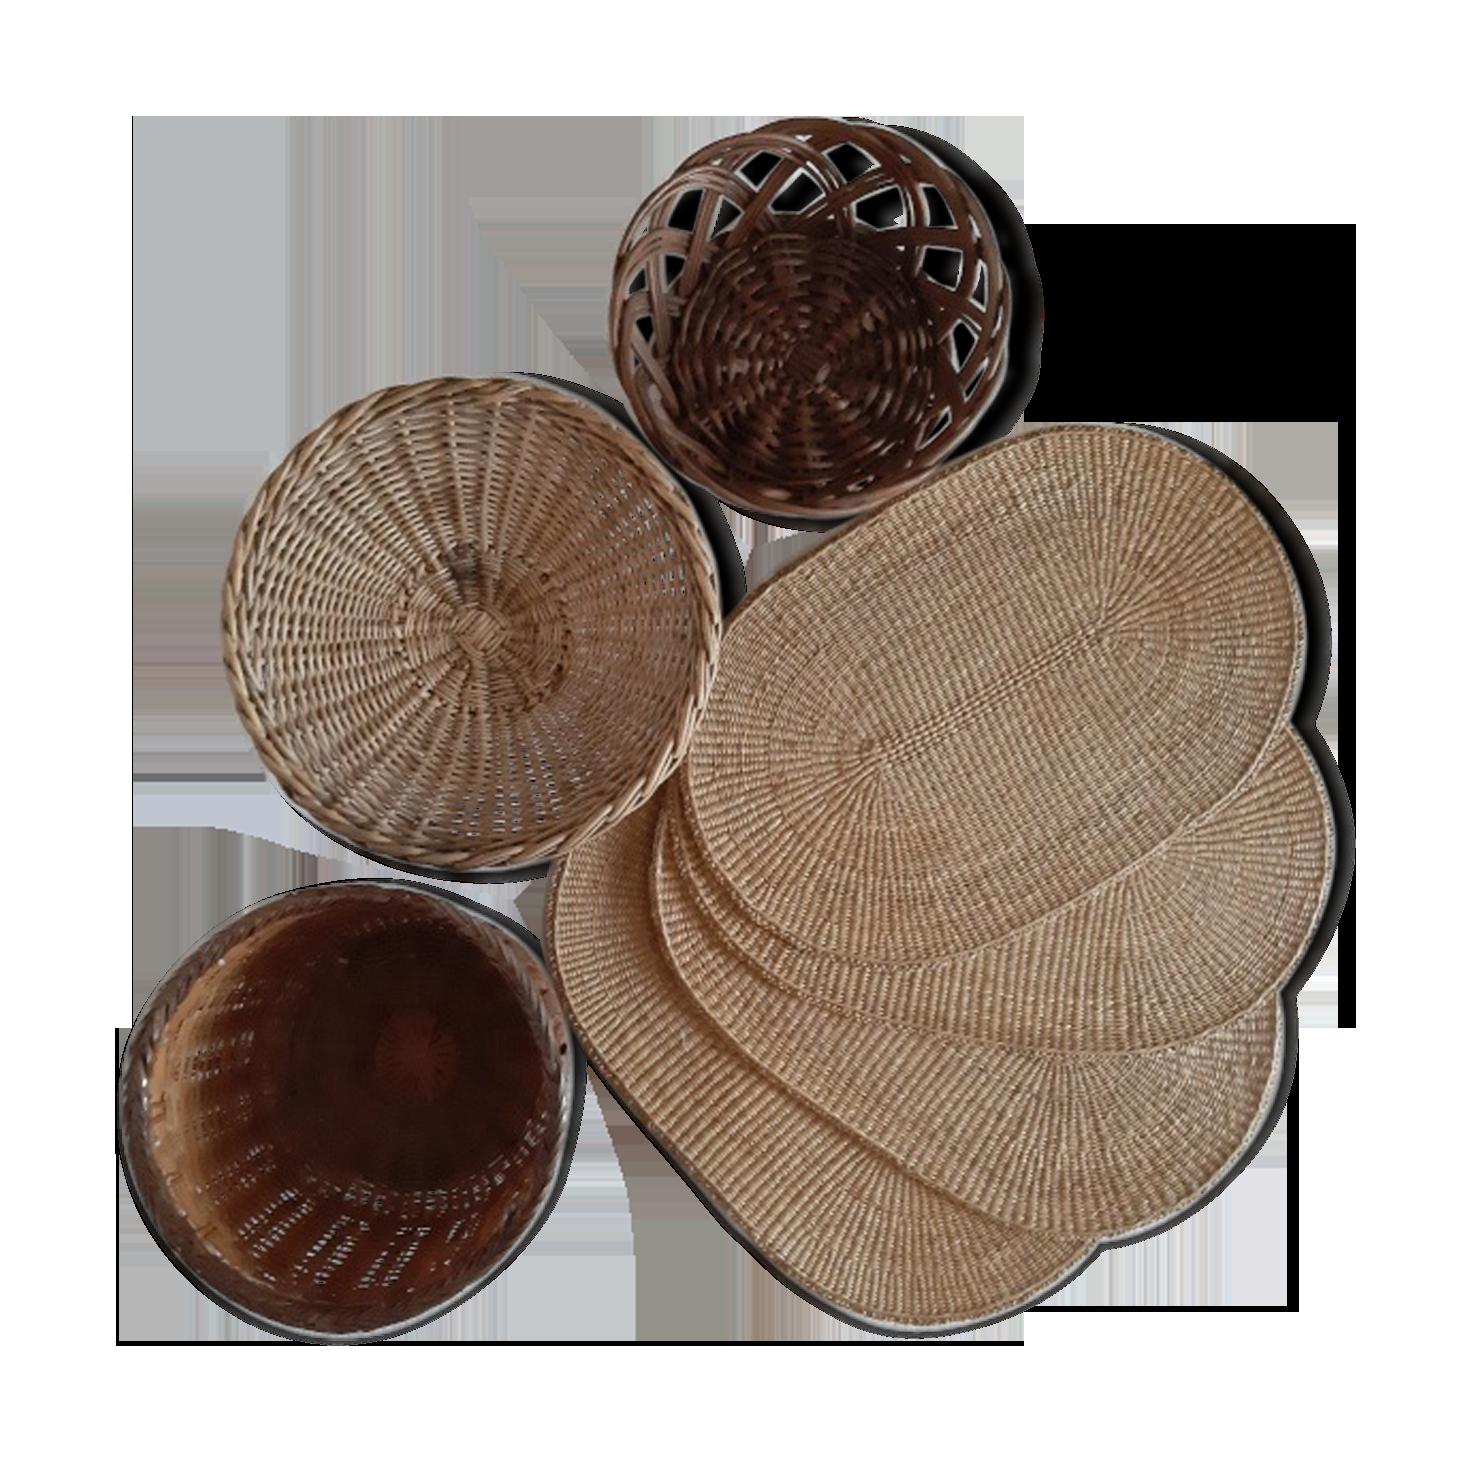 Yiwa Numismatique Outils de Travail ma/çonnique Signe de francs-ma/çons Accessoires Coin ma/çonnique US Five Army Coins